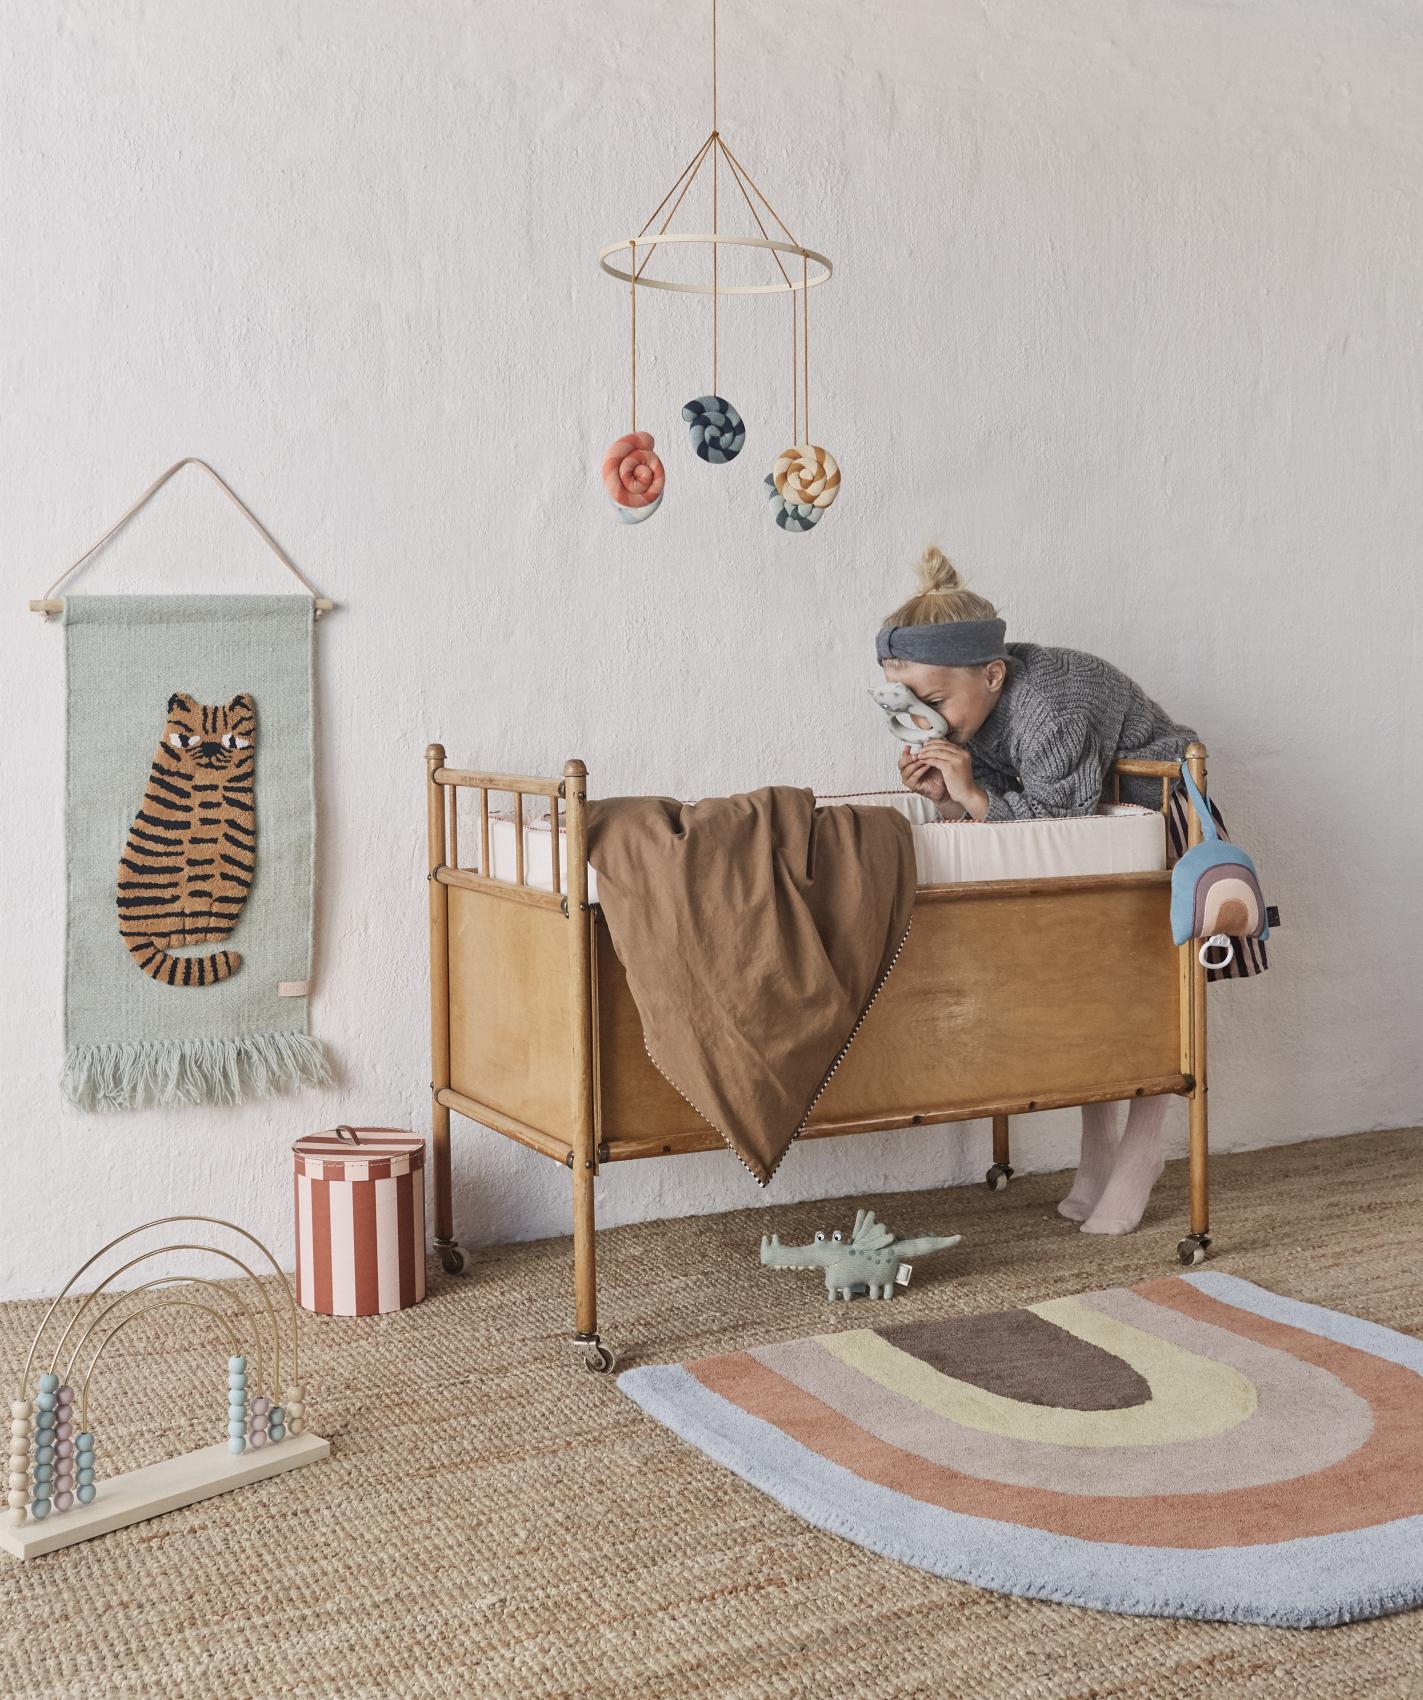 Full Size of Kinderzimmer Wanddeko Oyoy Wandteppich Tiger Softmint Karamell 32x70cm Regal Küche Sofa Weiß Regale Kinderzimmer Kinderzimmer Wanddeko